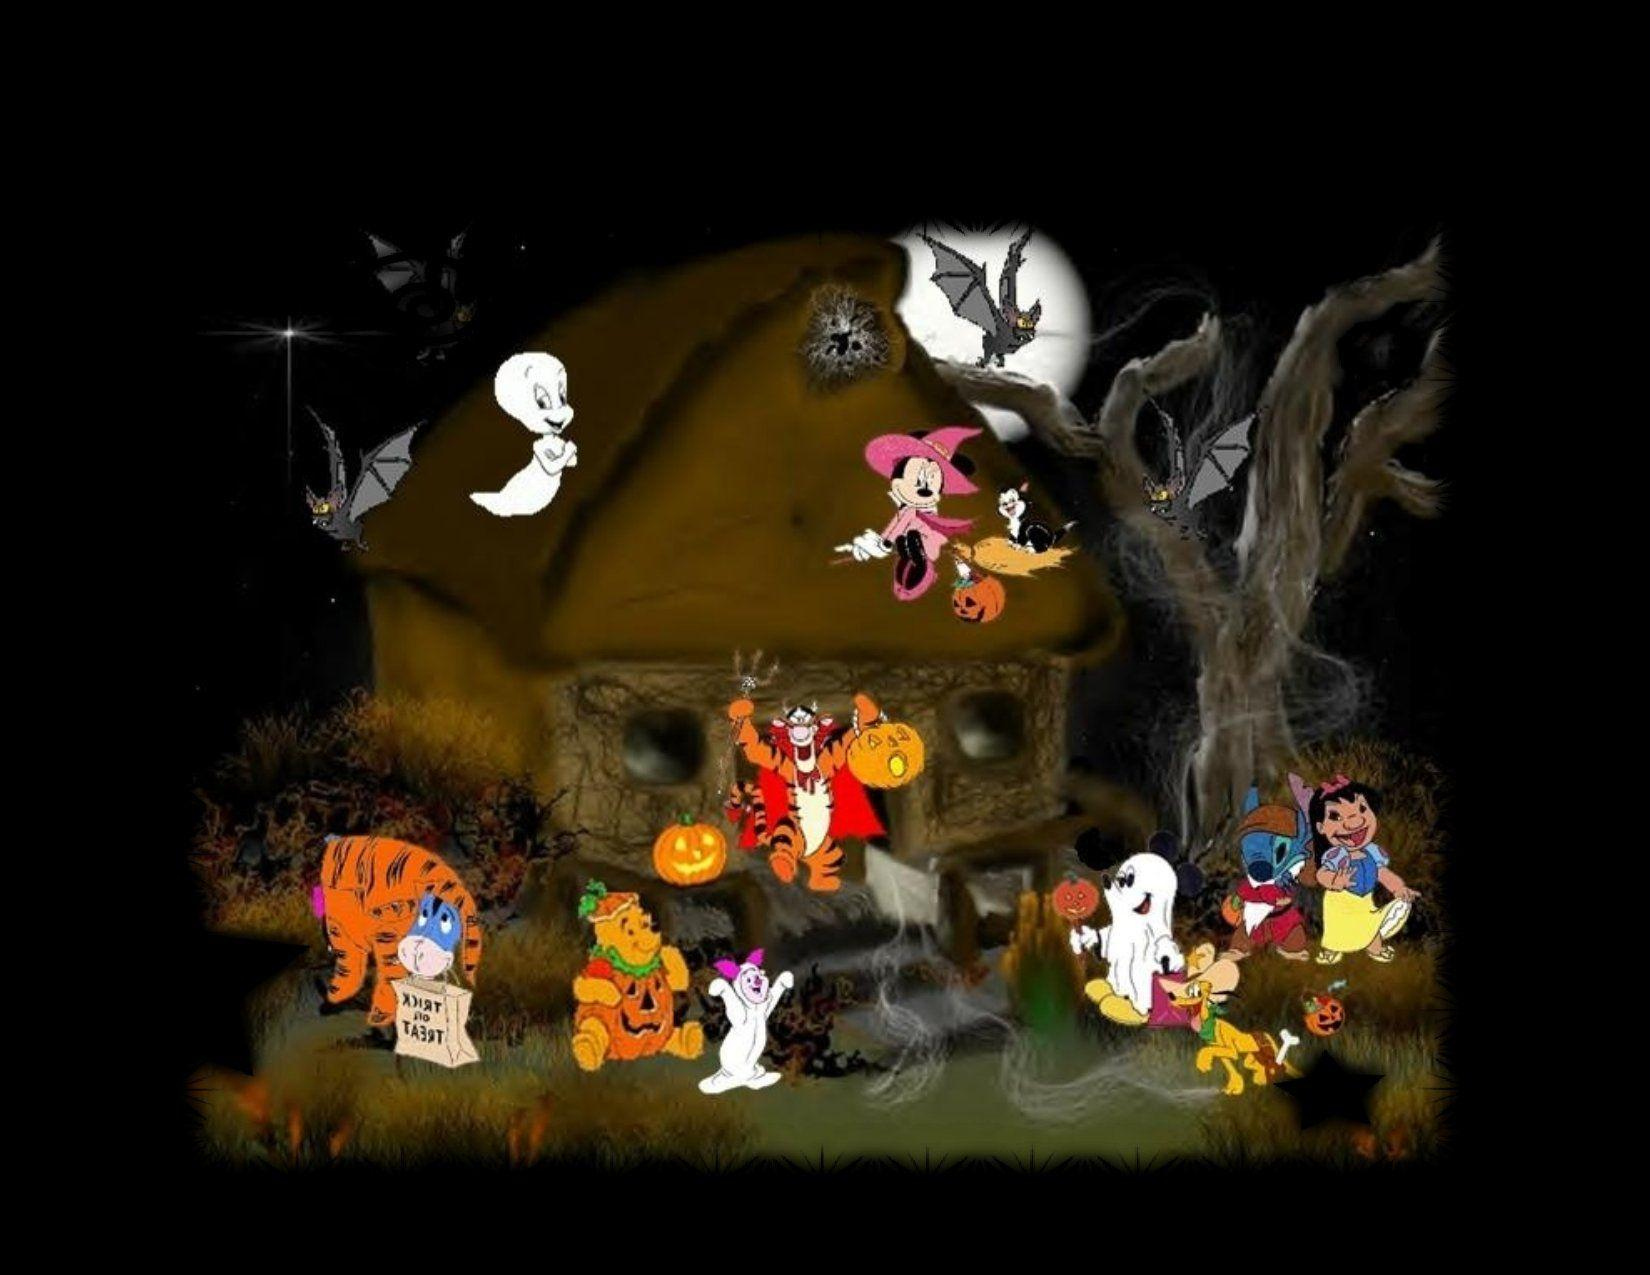 Halloween Disney Wallpapers - Wallpaper Cave